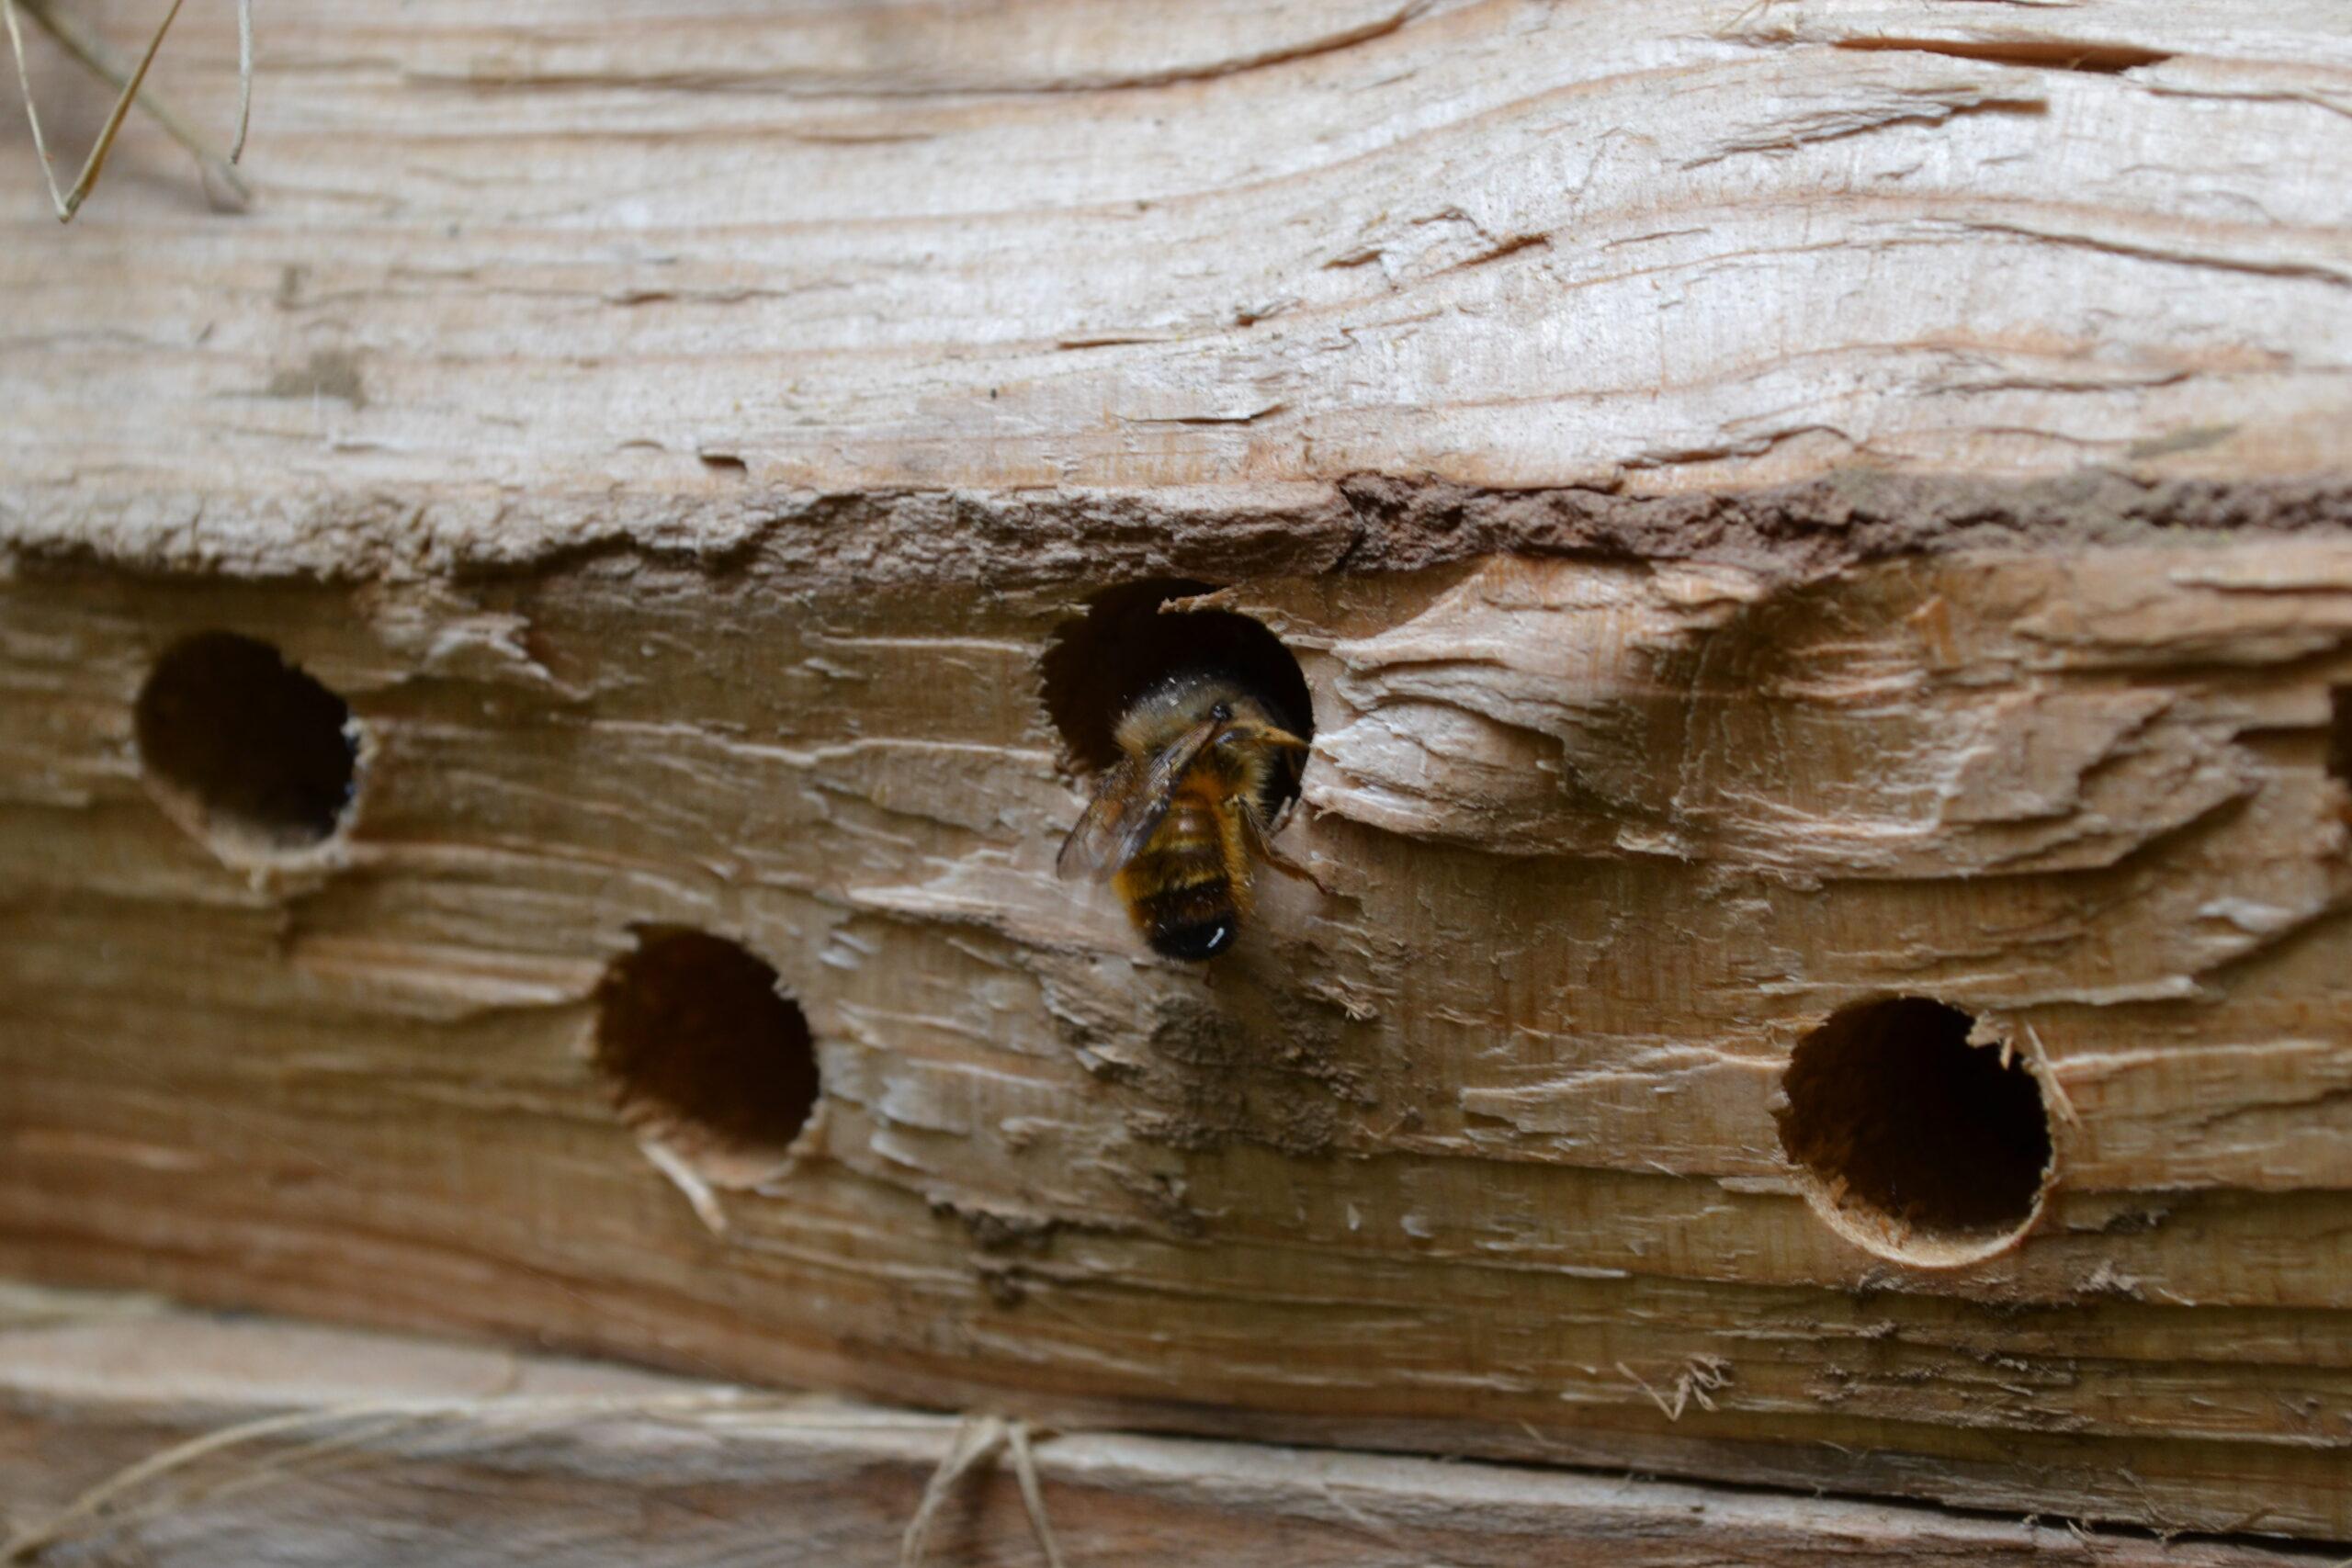 Des abris à abeilles solitaires @ Parc de la Mairie de Bouillargues